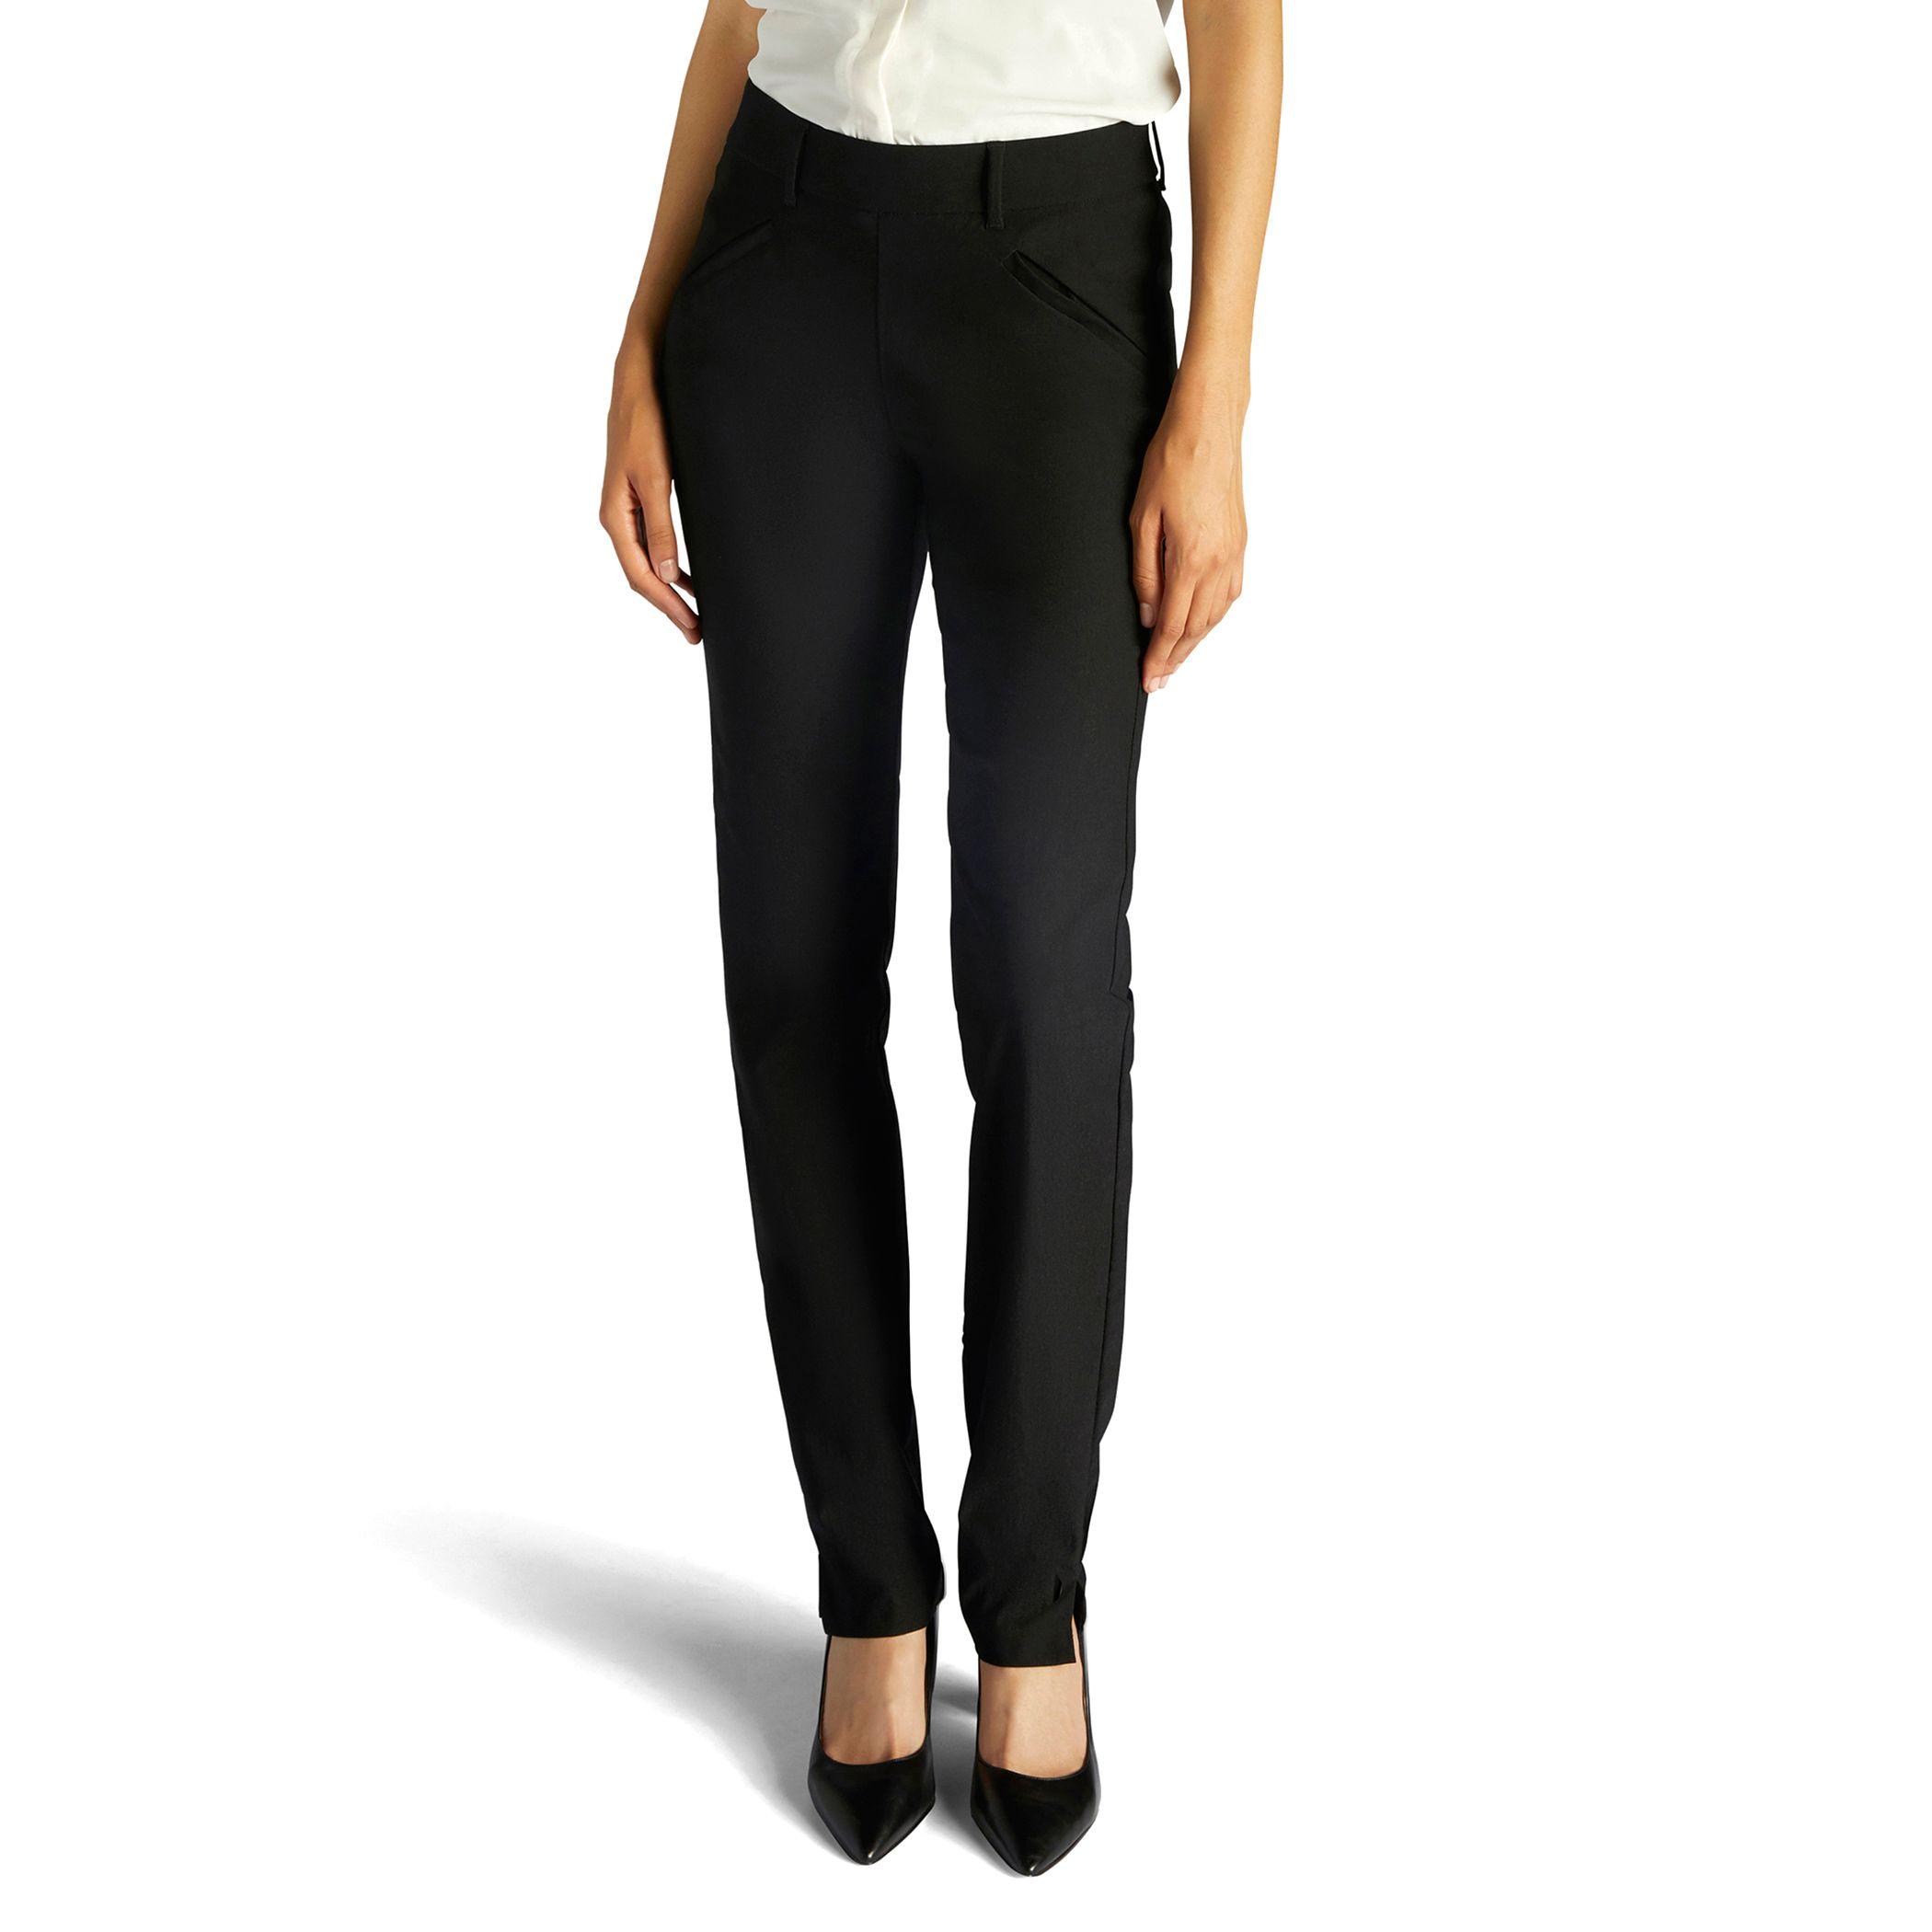 Skinny Dress Pants For Women MEo7pmsT